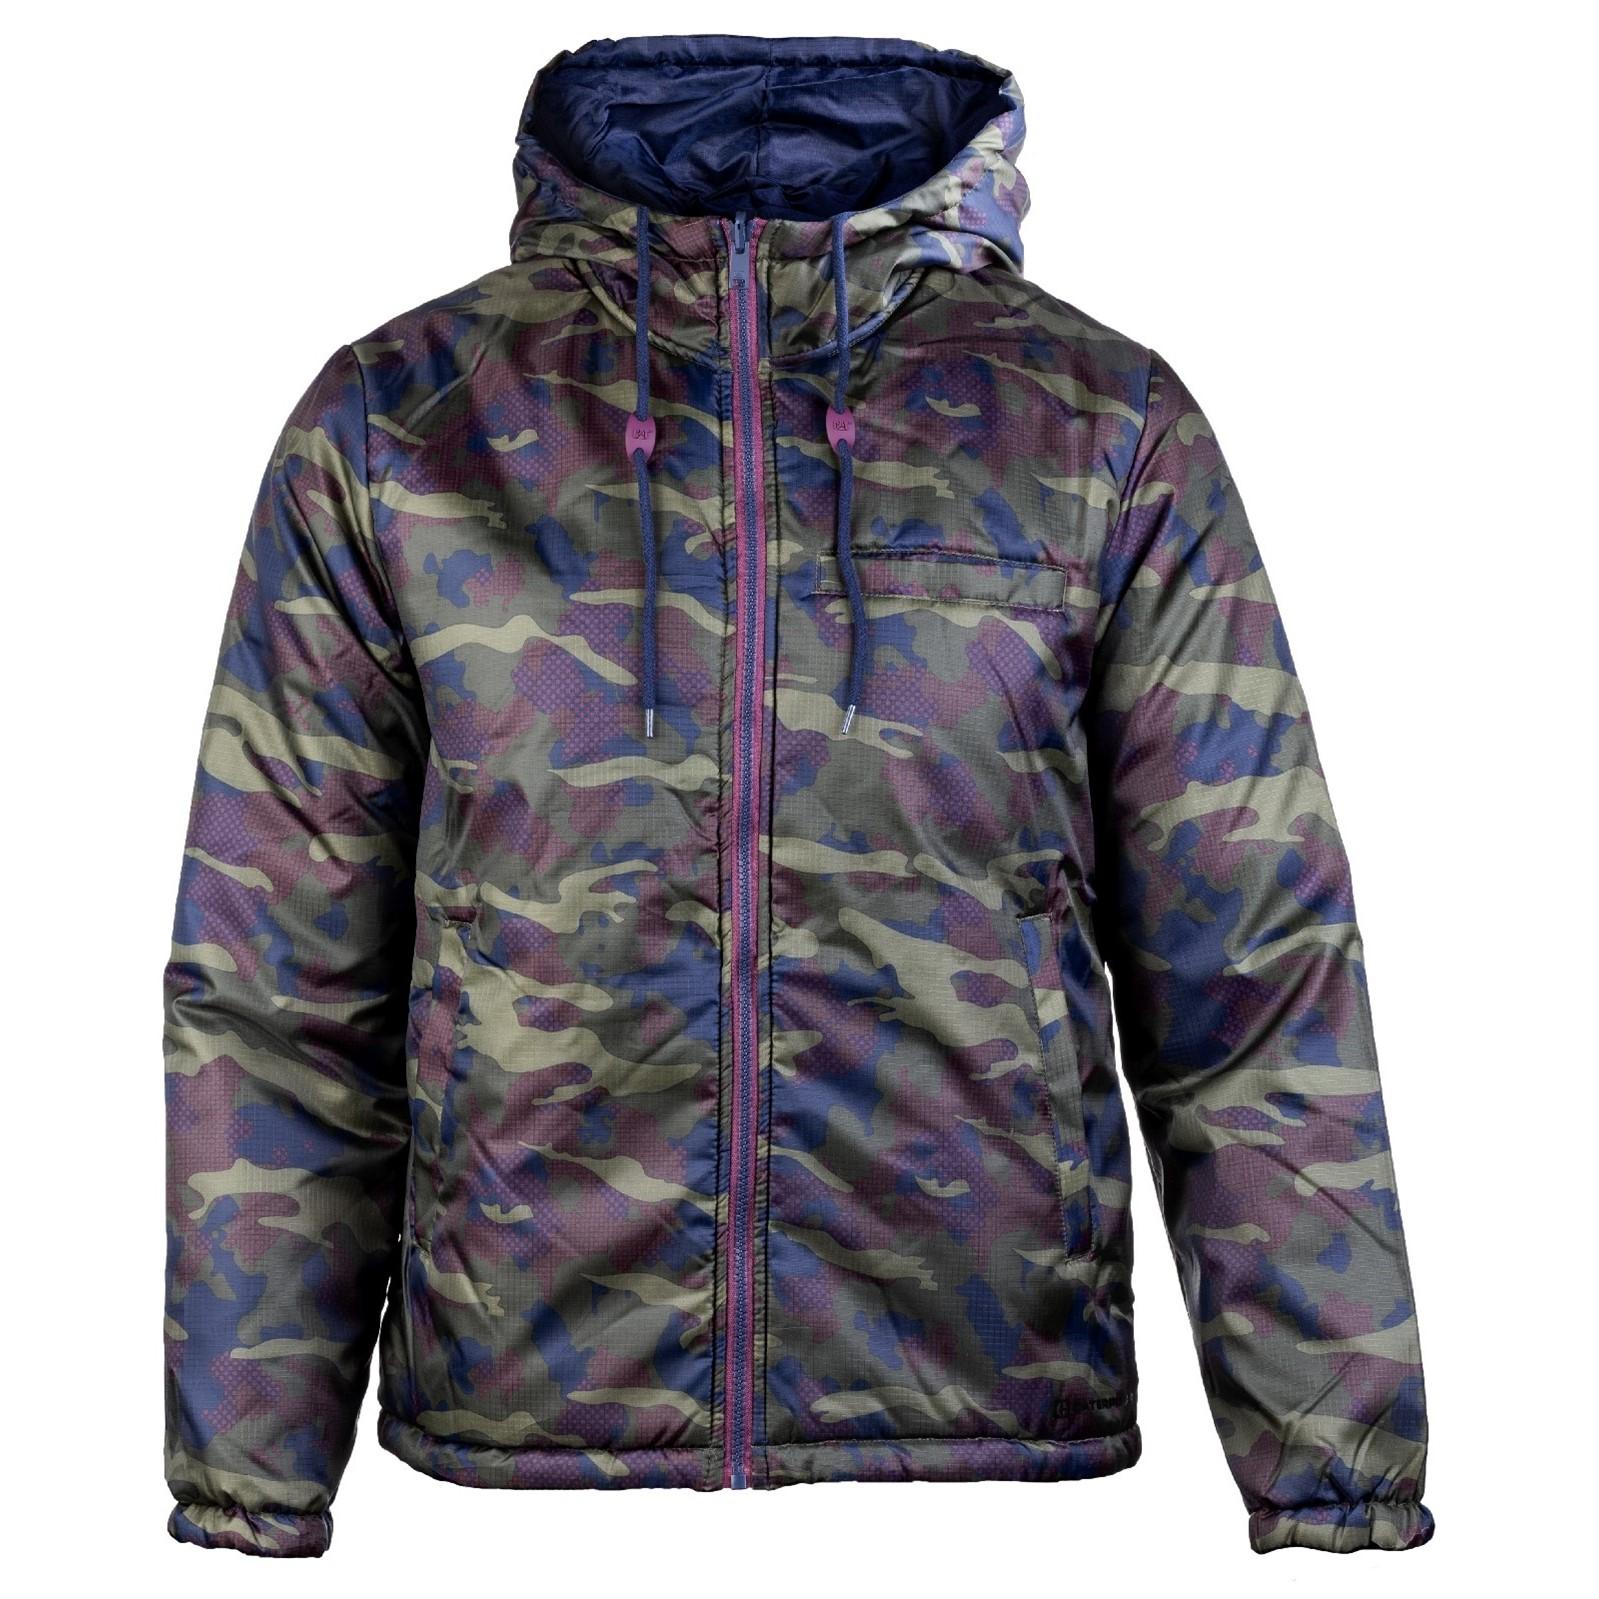 CAT Lifestyle Unisex Flight Reverse Zip Up Jacket (XL) (Camouflage)